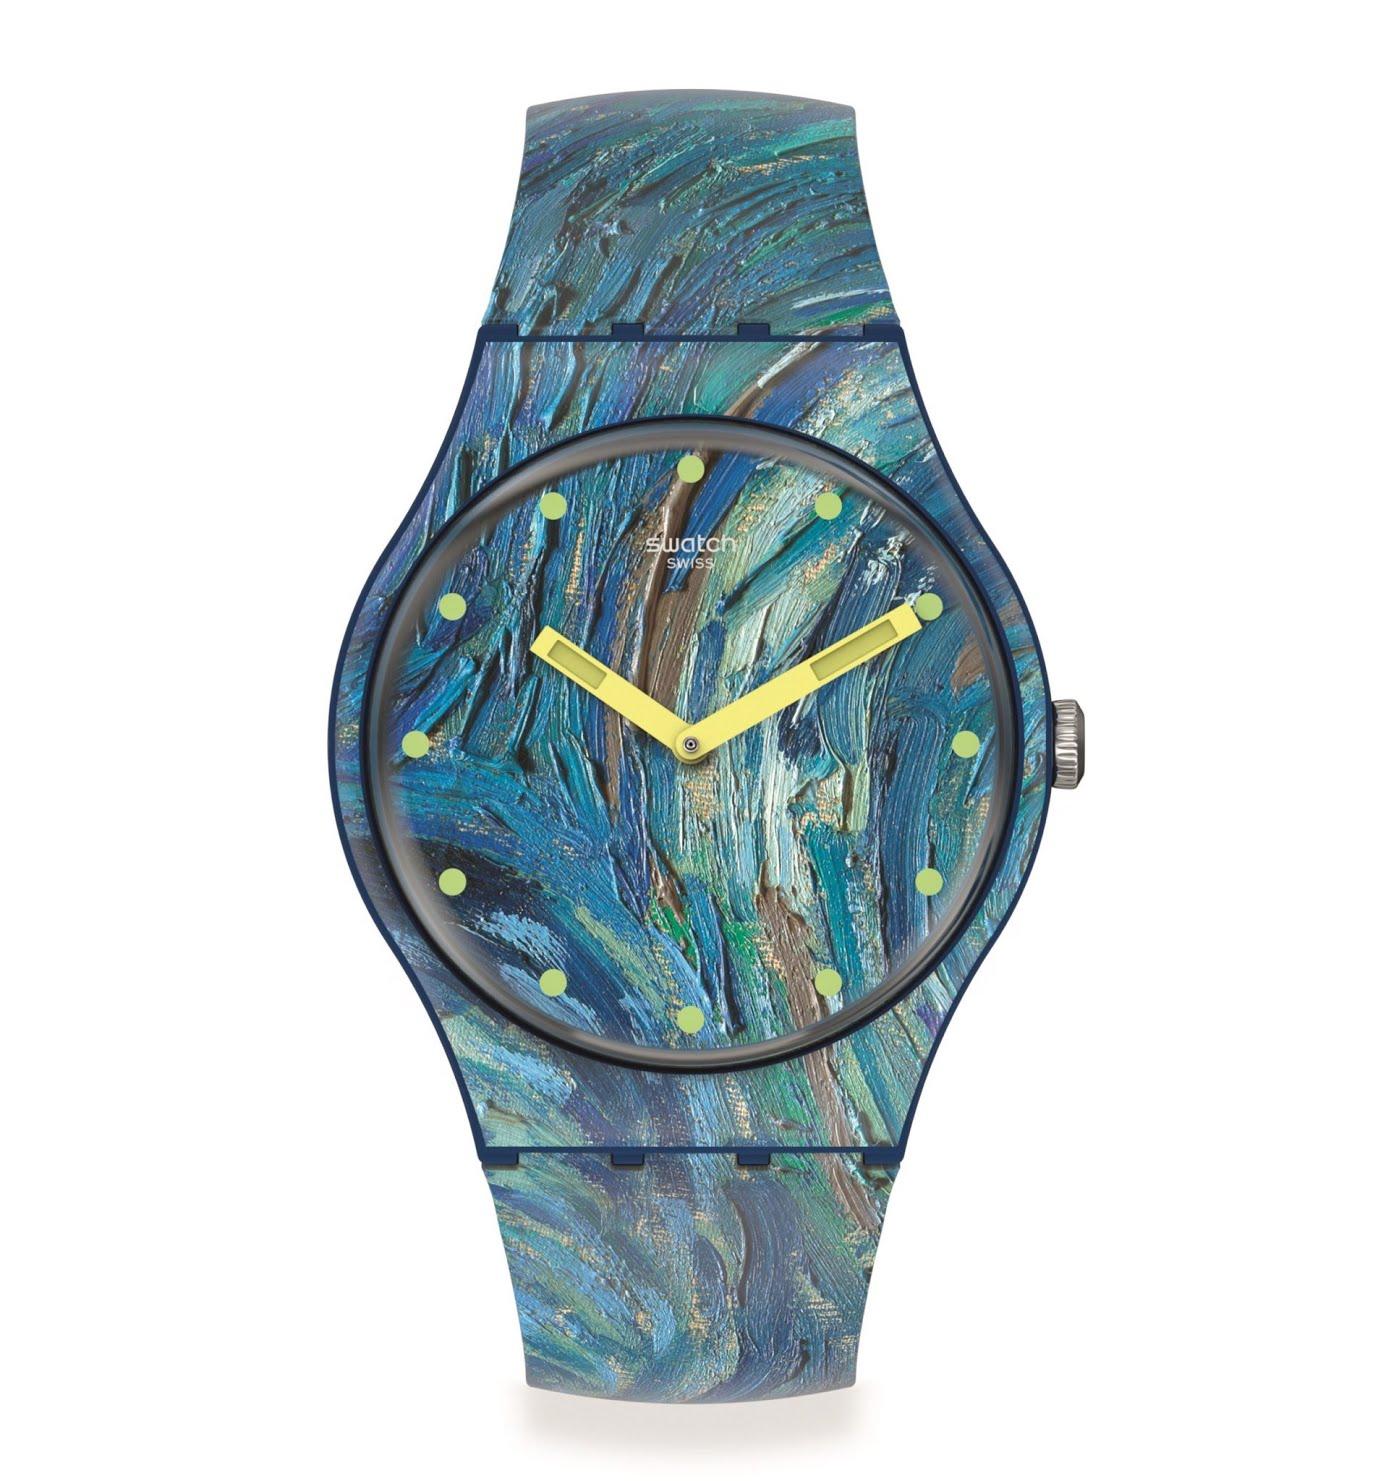 Swatch x MoMA - Nuit étoilée Van Gogh